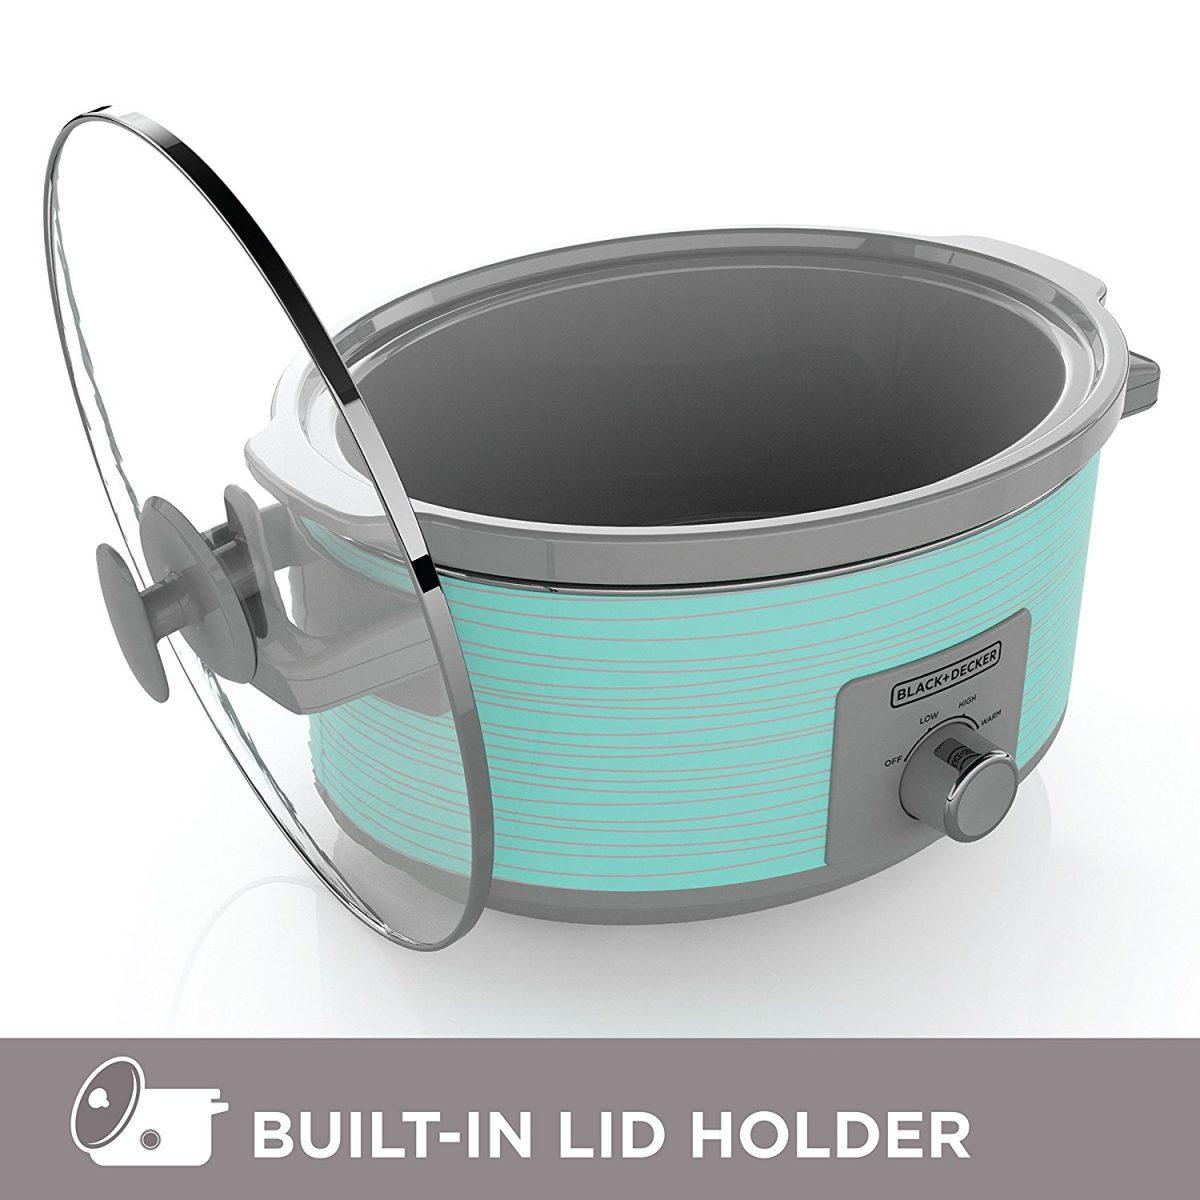 Black and Decker 7 Quart Slow Cooker Crock Pot